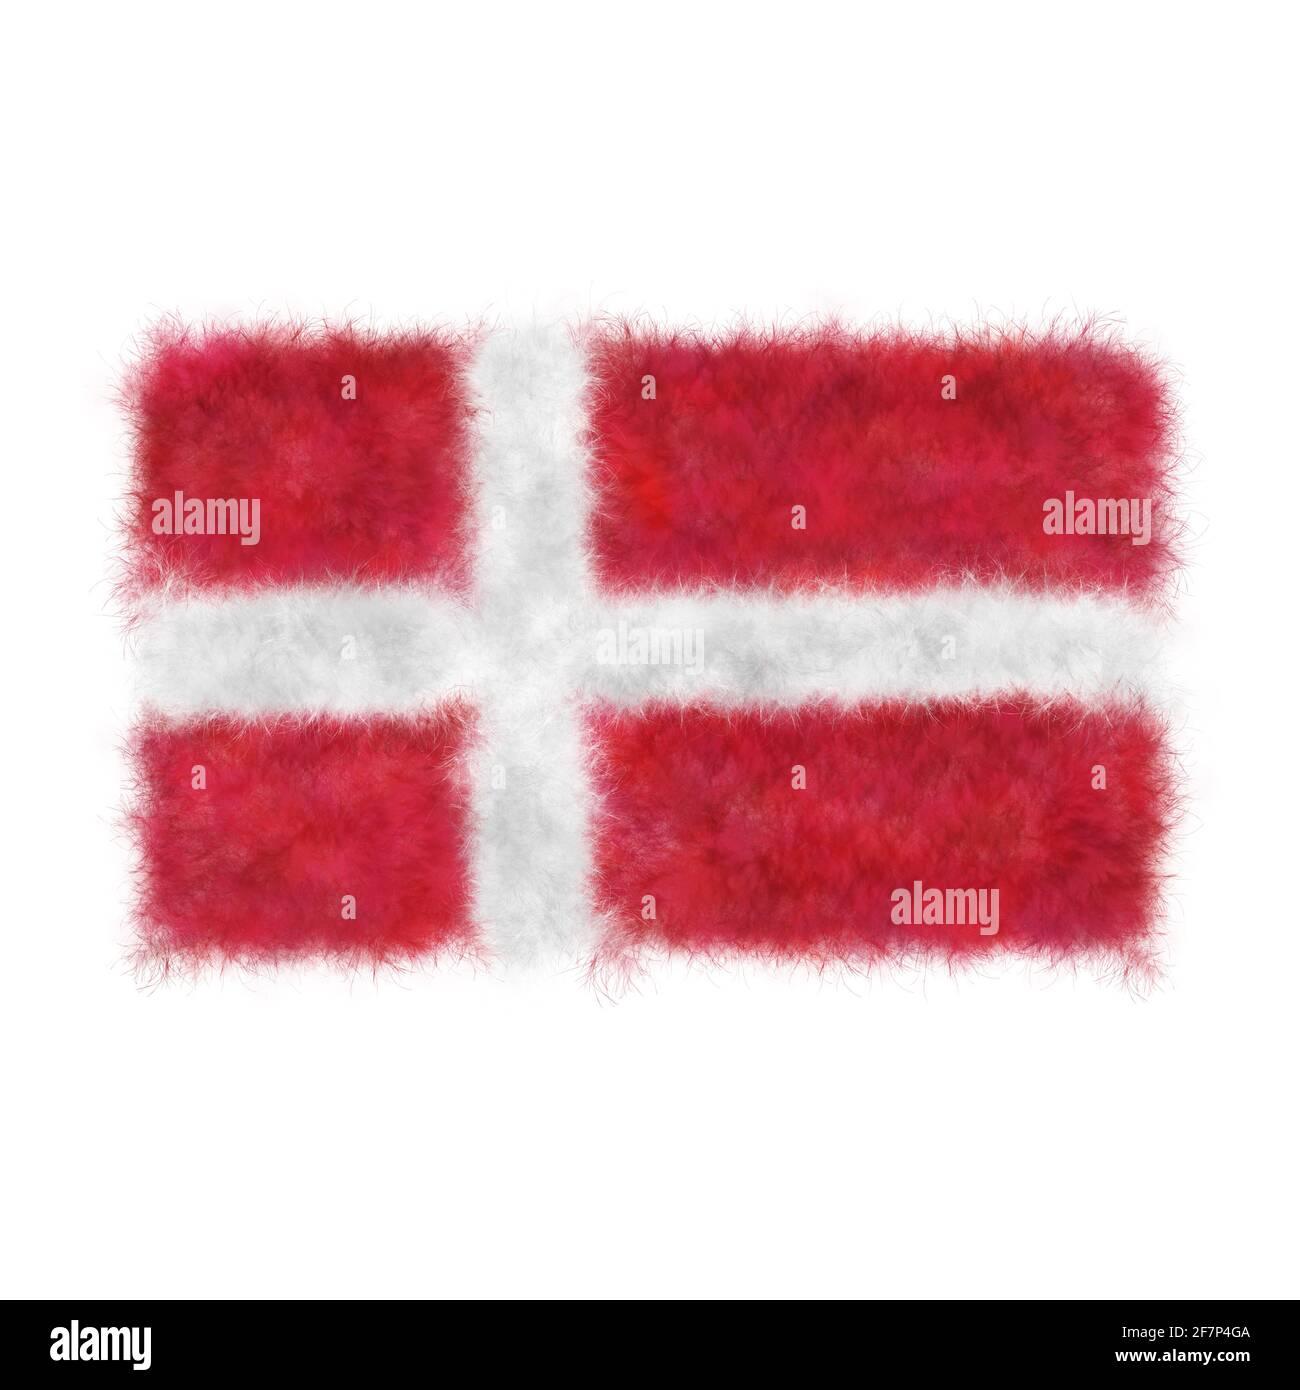 3D Ilustración de la bandera realista de Dinamarca en tejido de fieltro Foto de stock